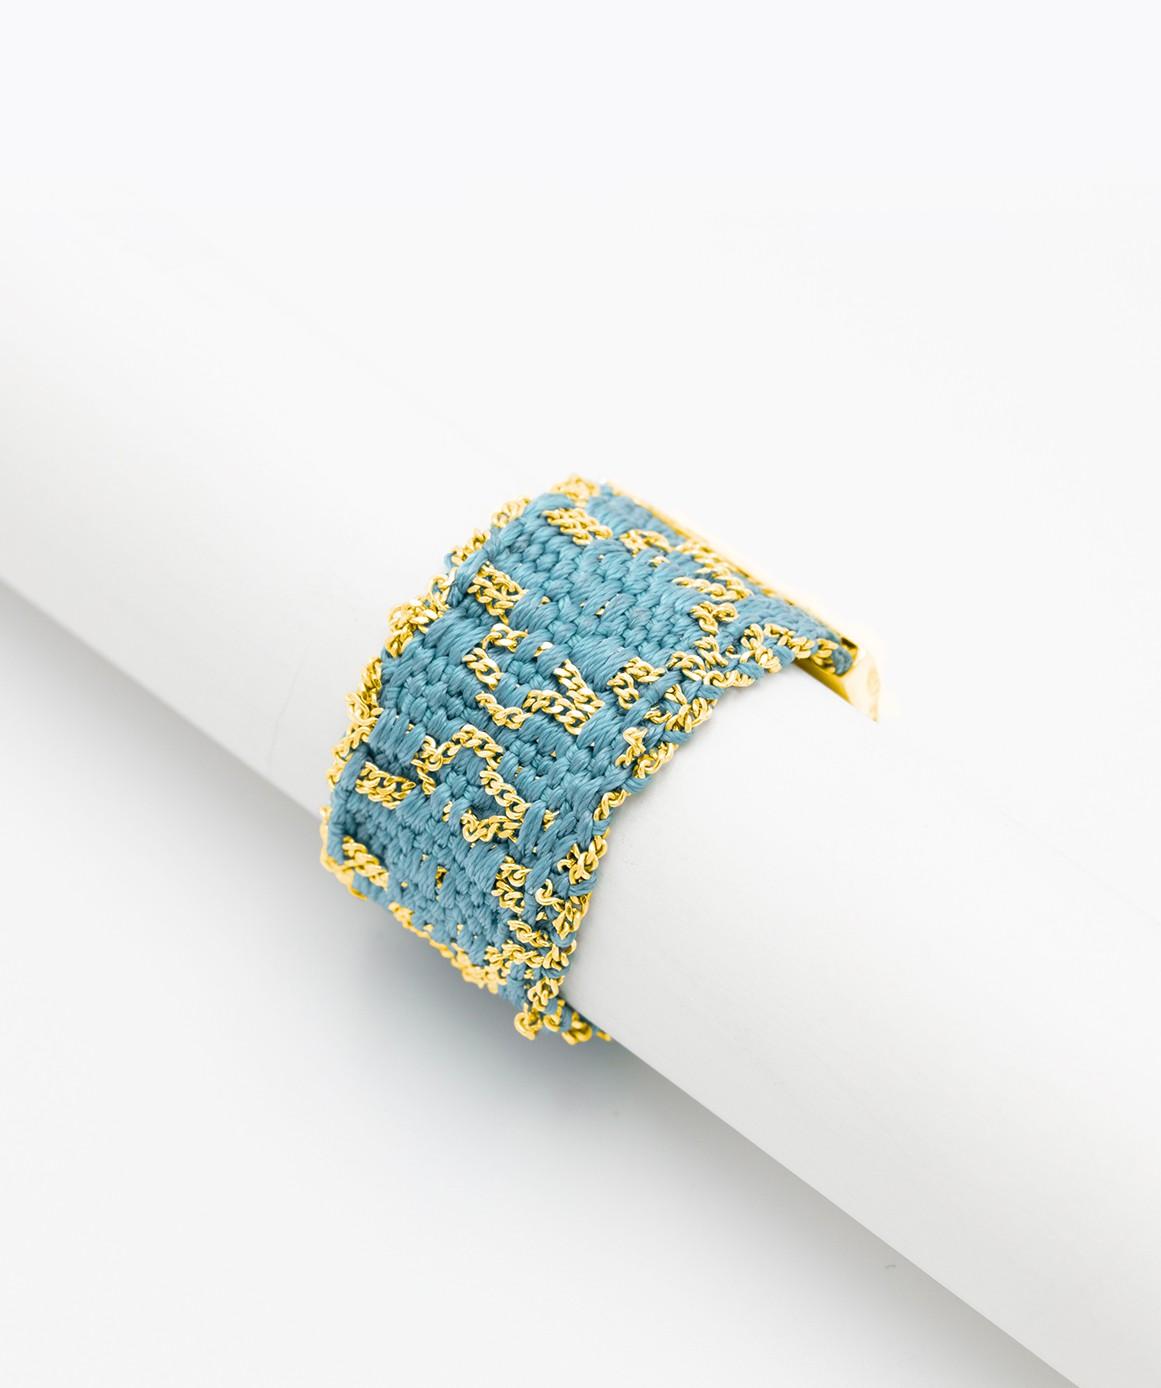 Anello ROMBO in Argento 925 bagno oro Giallo 18Kt. Tessuto: Seta Turchese